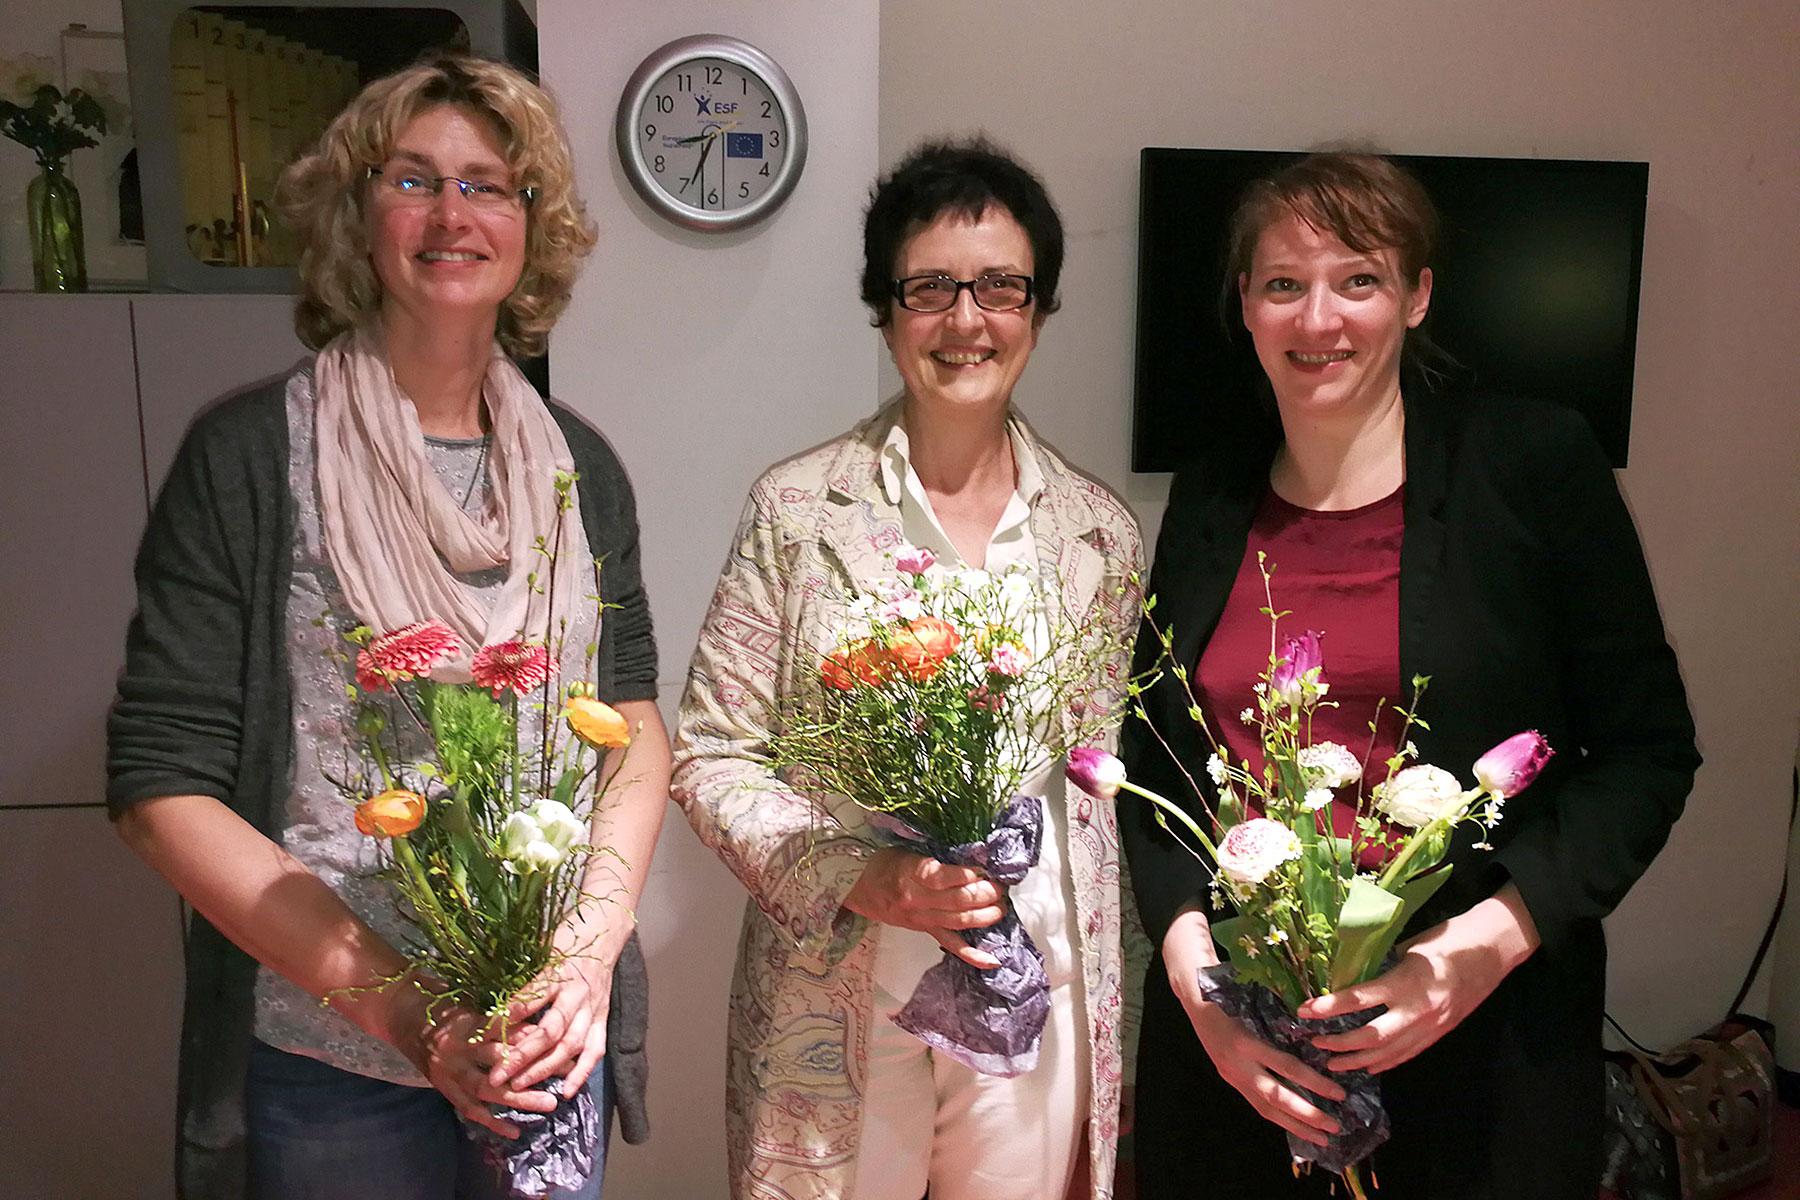 Heike Wiesner, Petra Heidenfelder, Johanna Voll